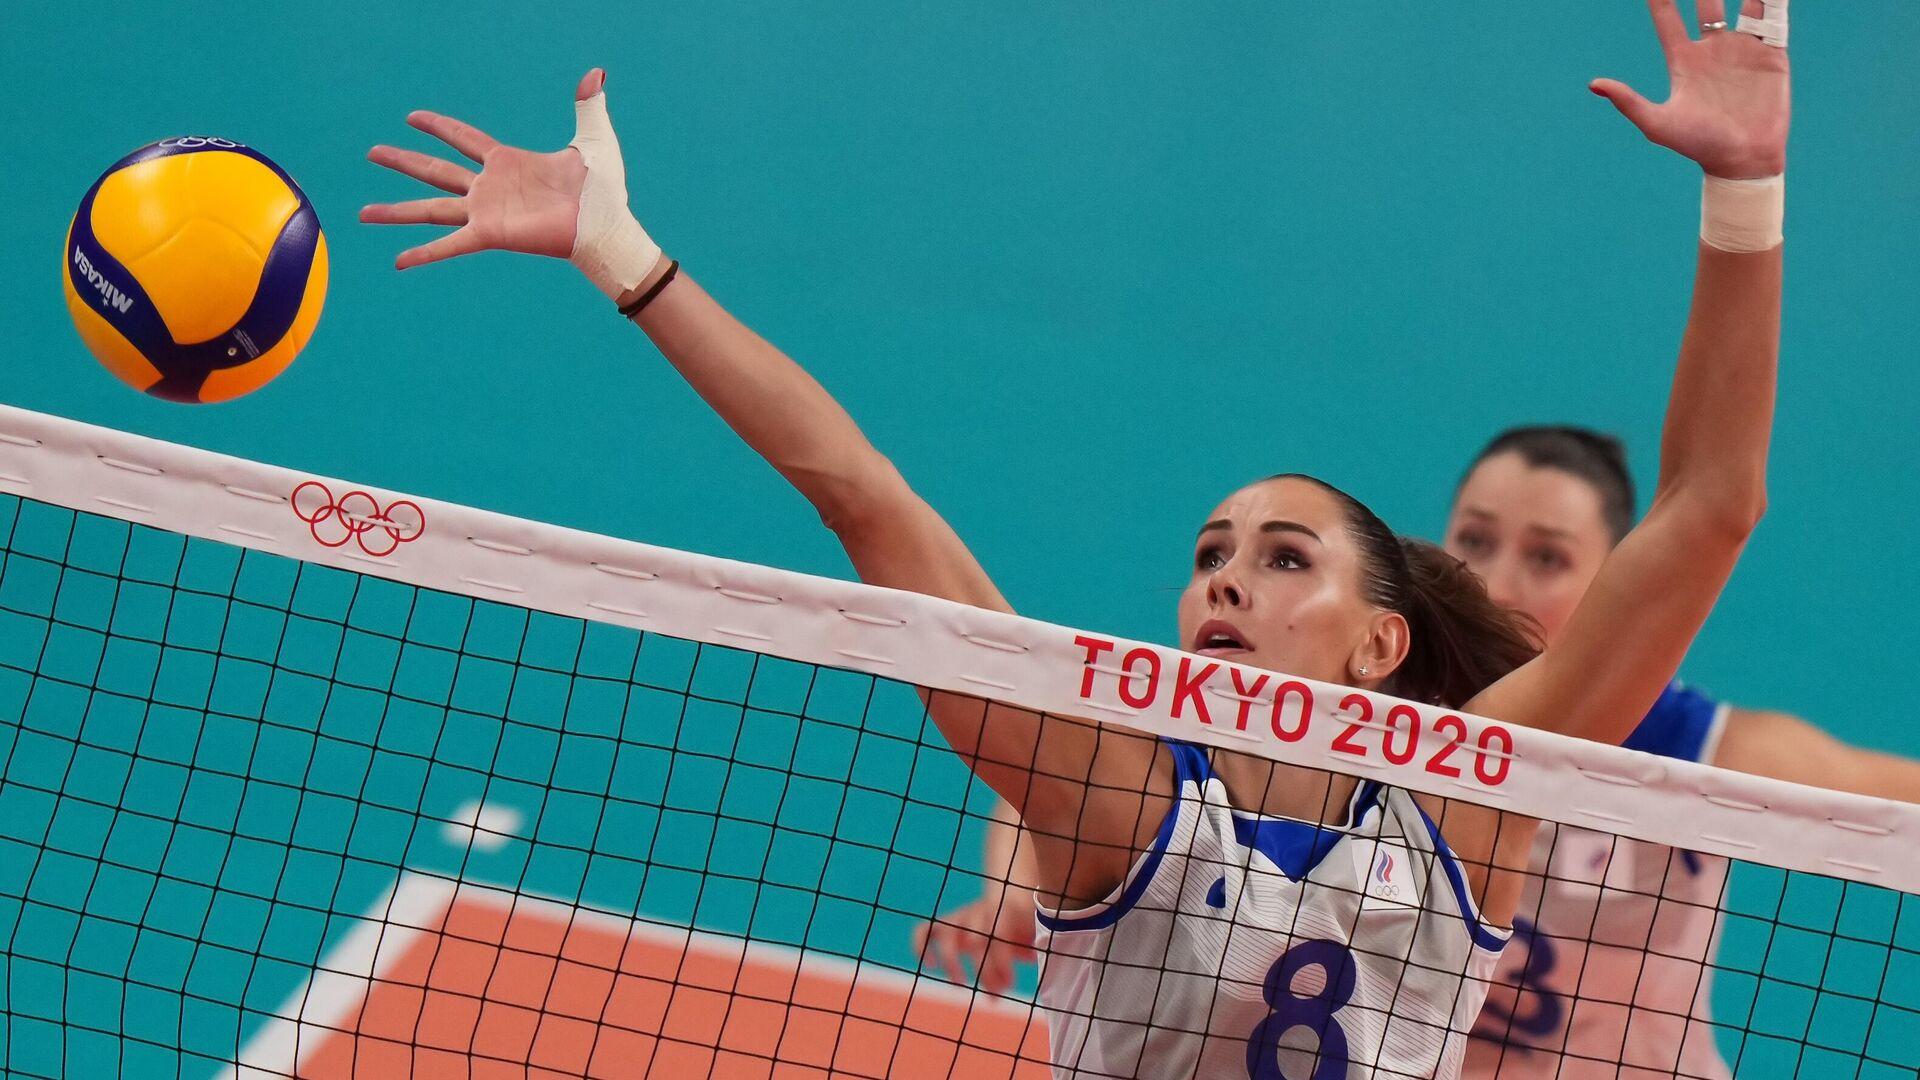 Олимпиада-2020. Волейбол. Женщины. Матч Россия - Италия - РИА Новости, 1920, 25.07.2021